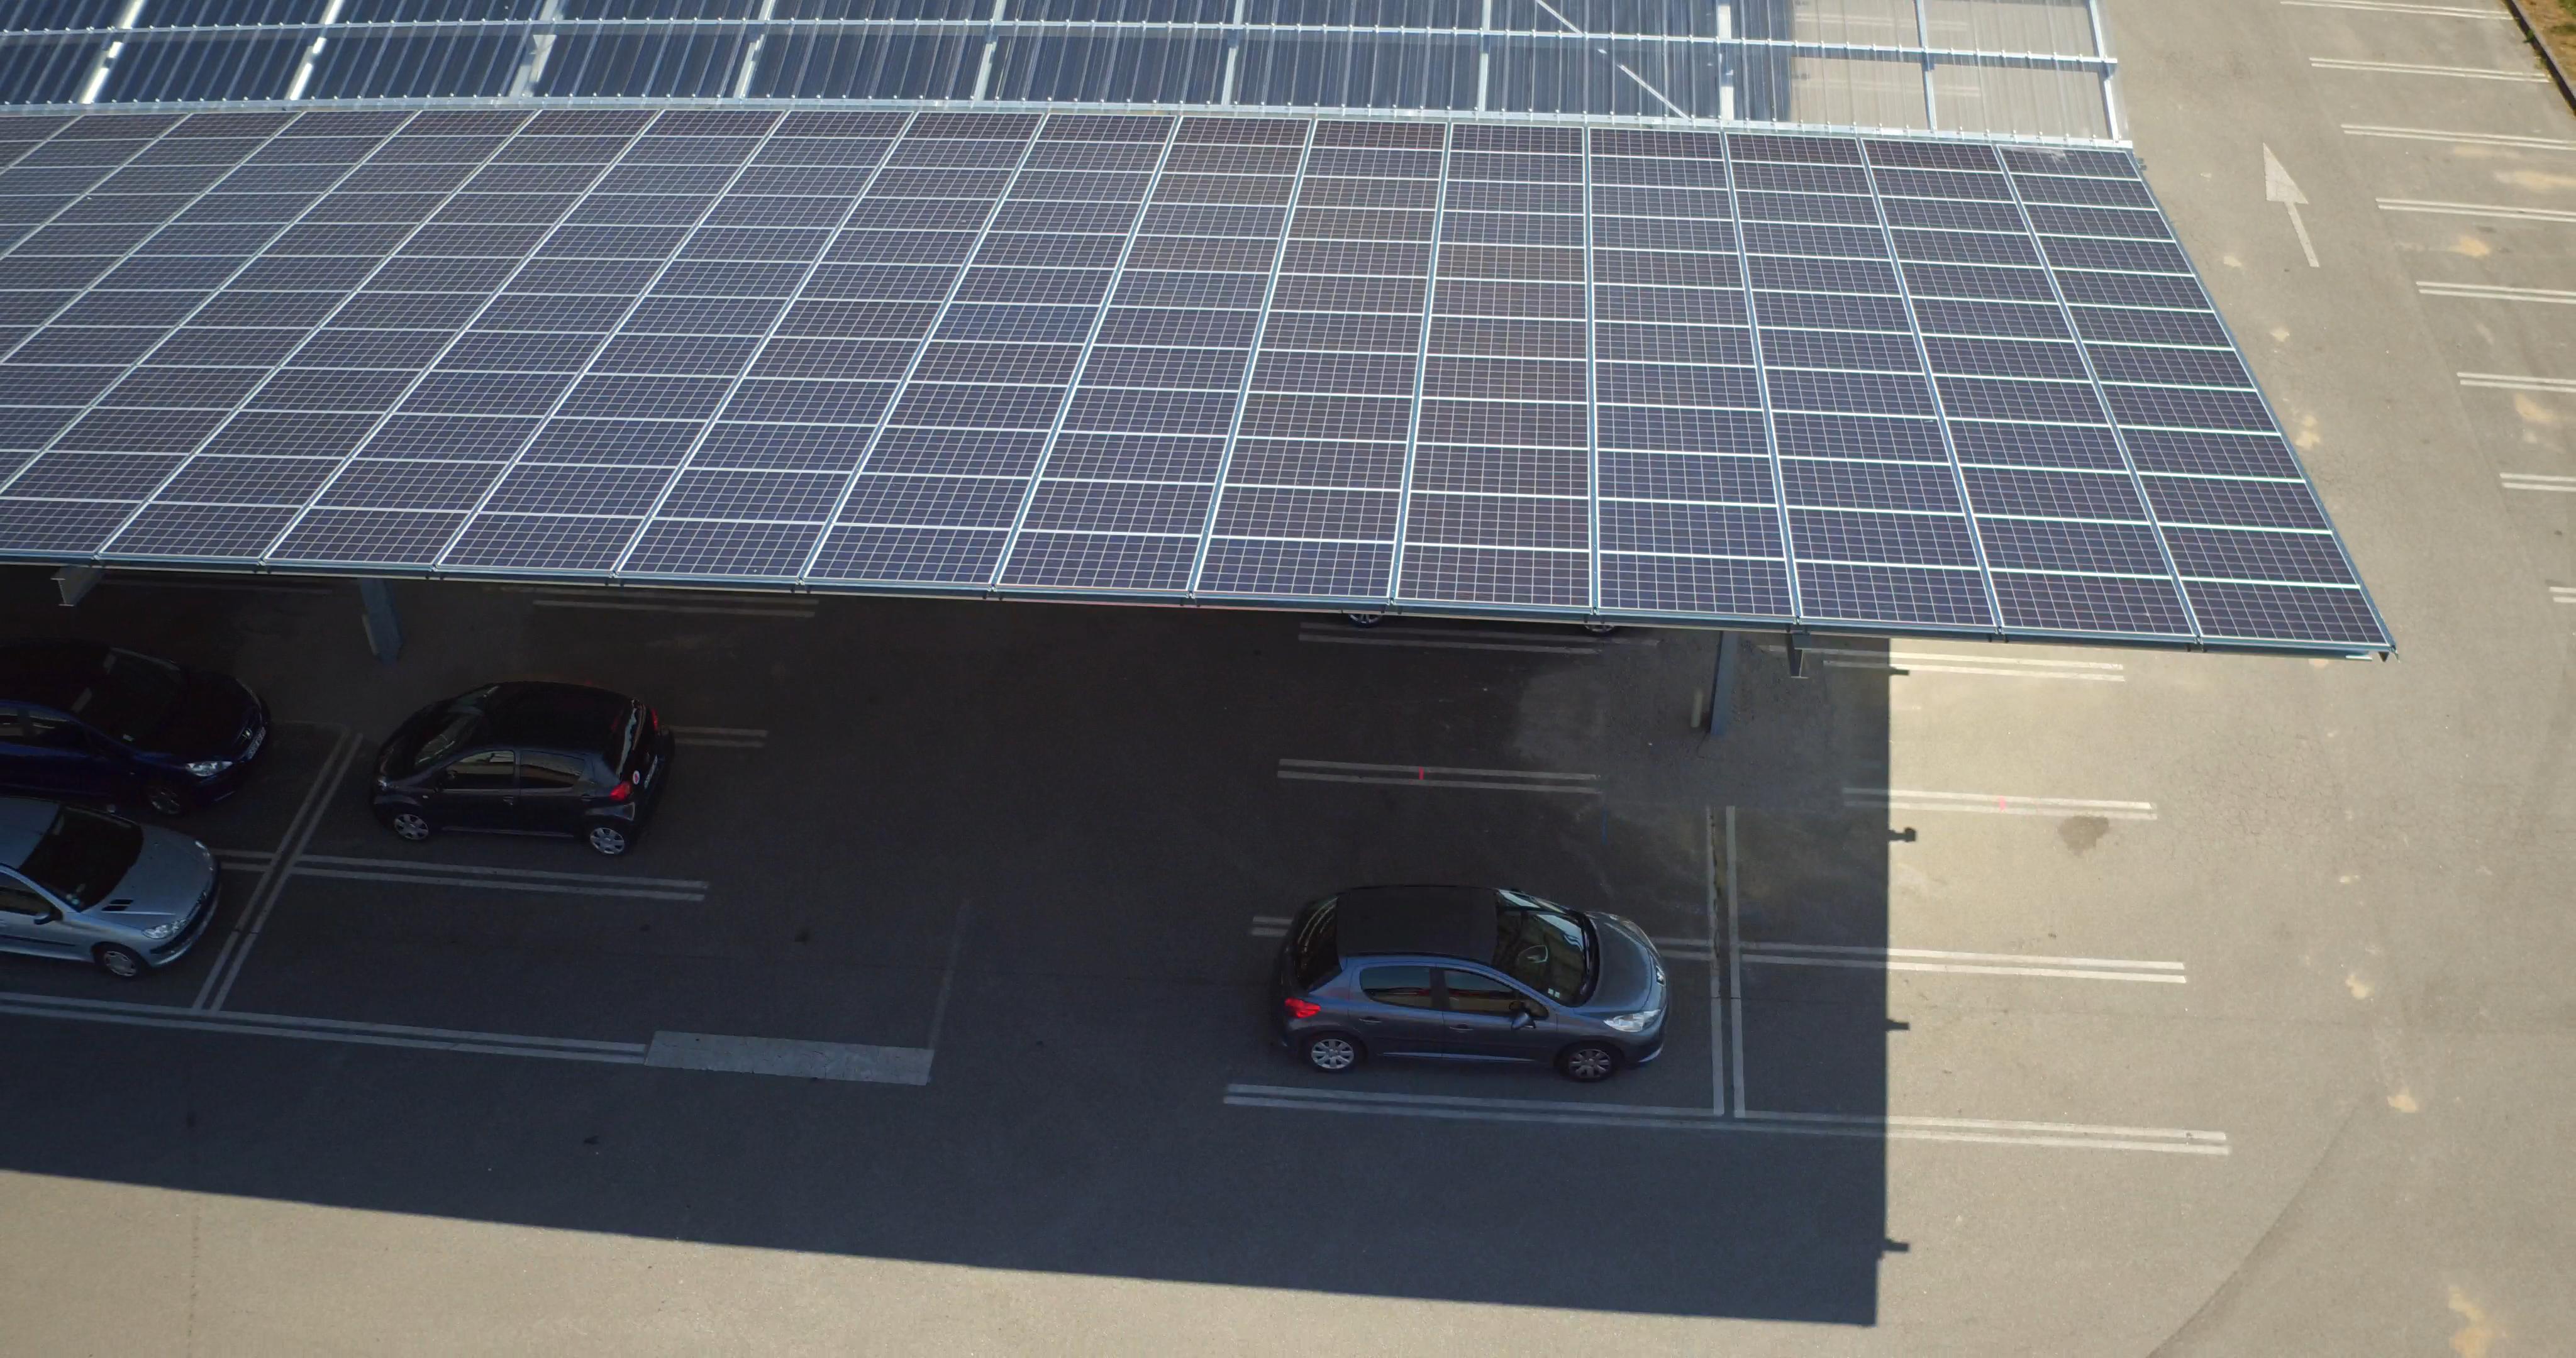 Ombière solaire photovoltaïque